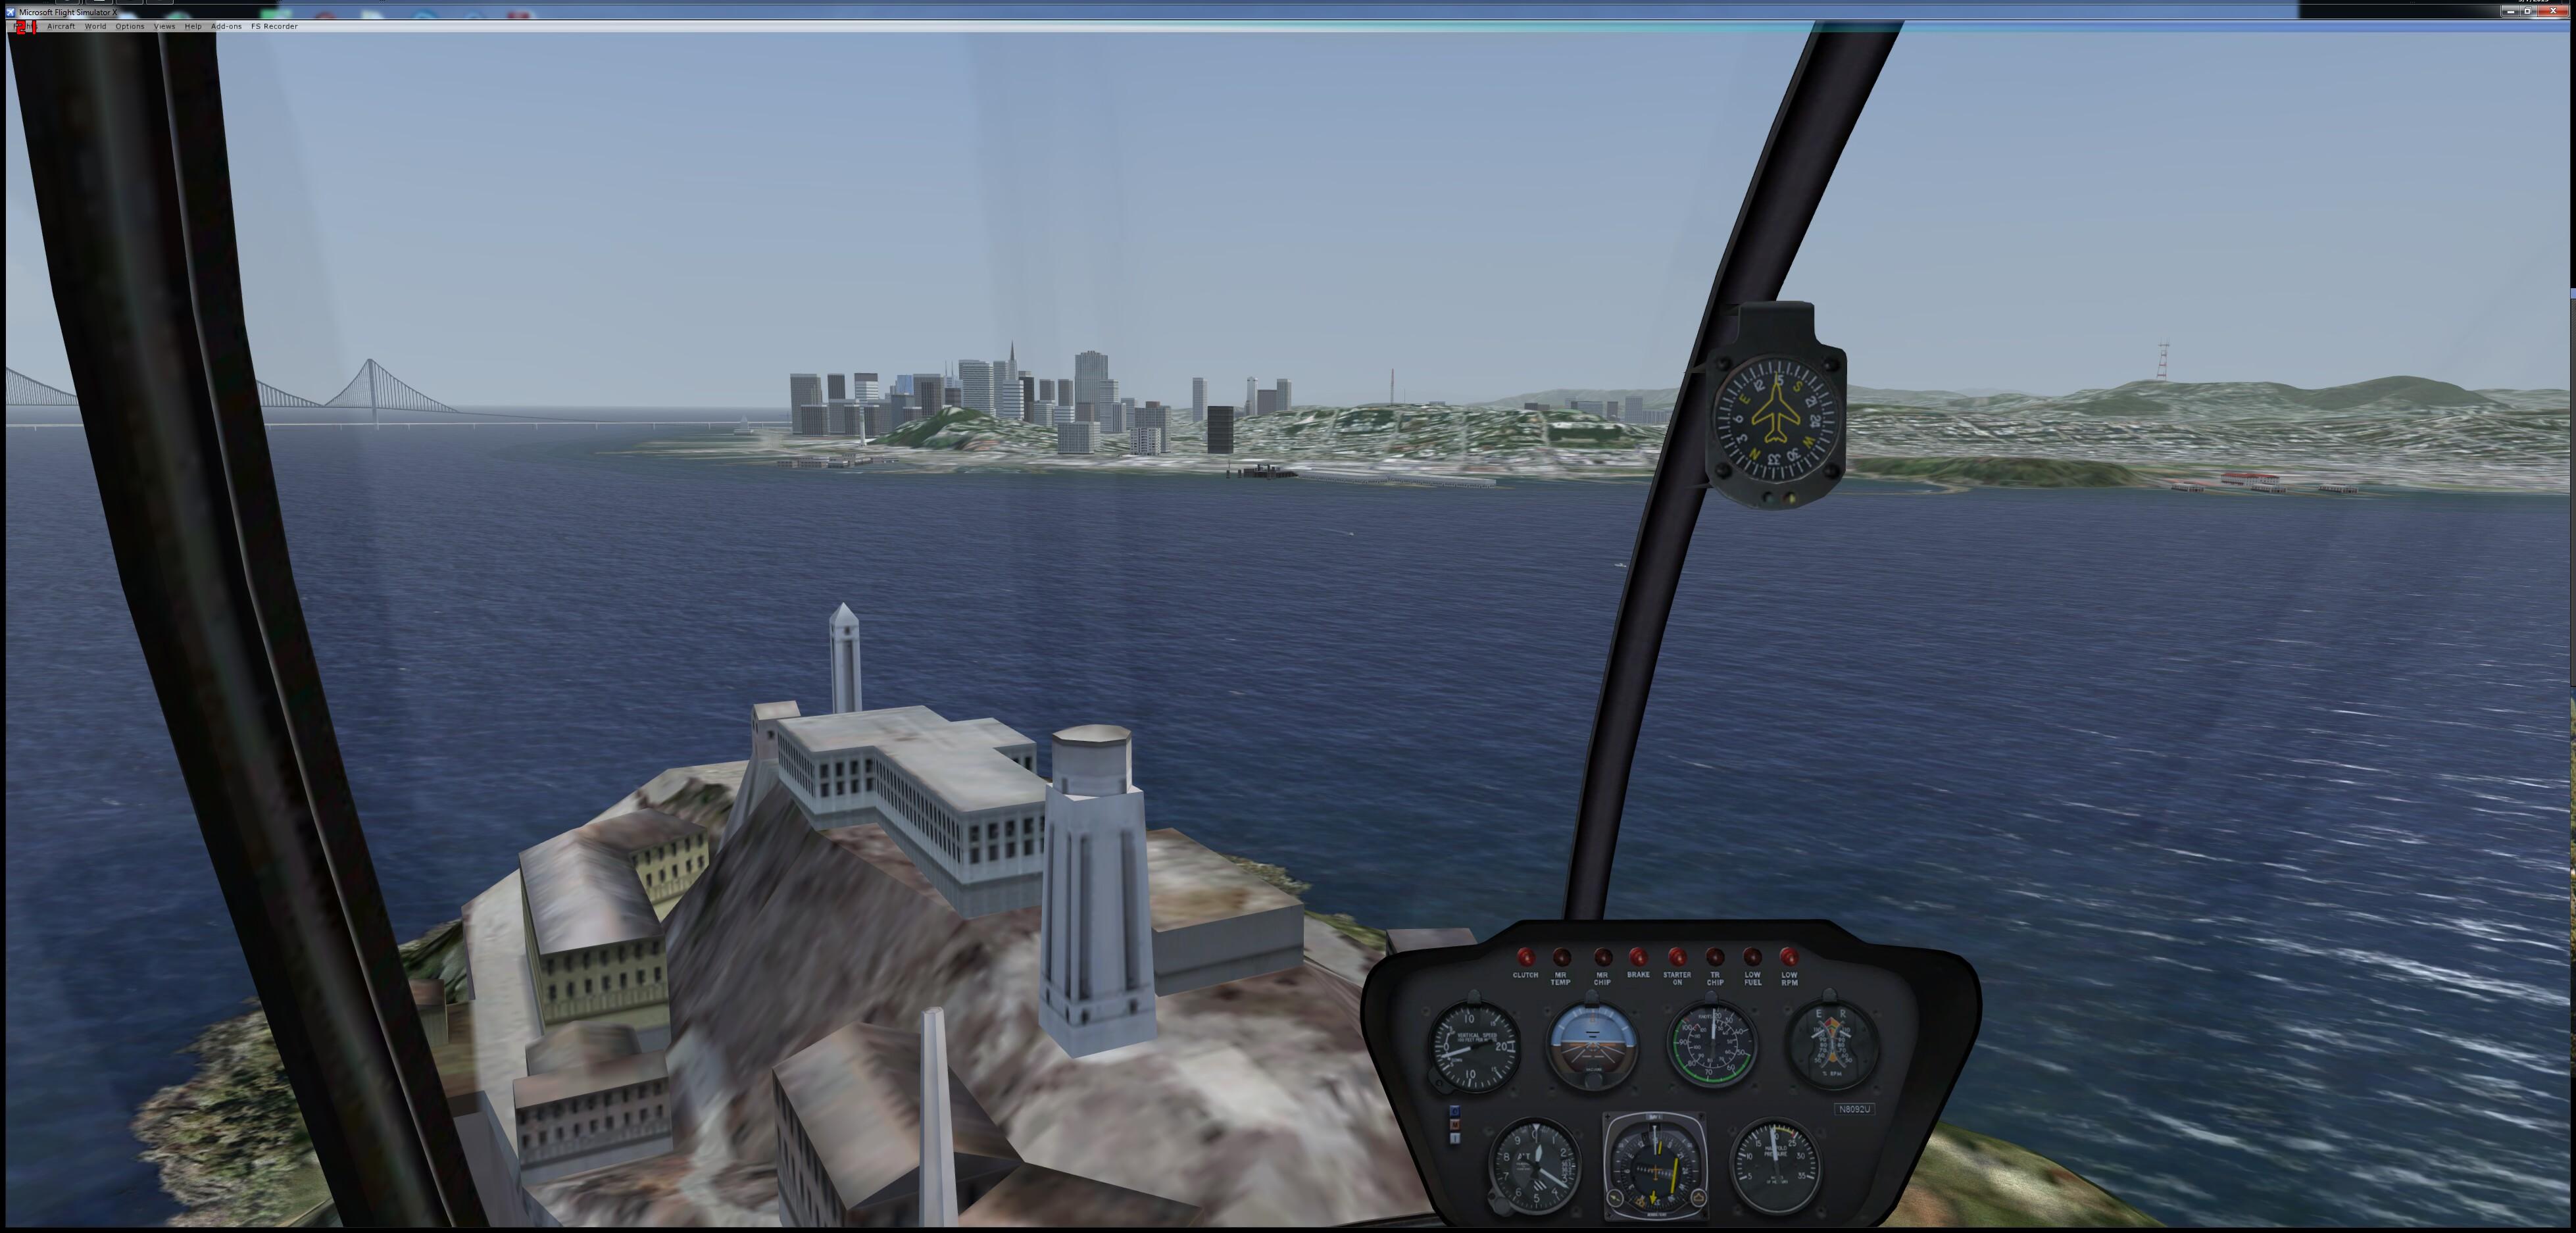 Screenshots-27.jpg